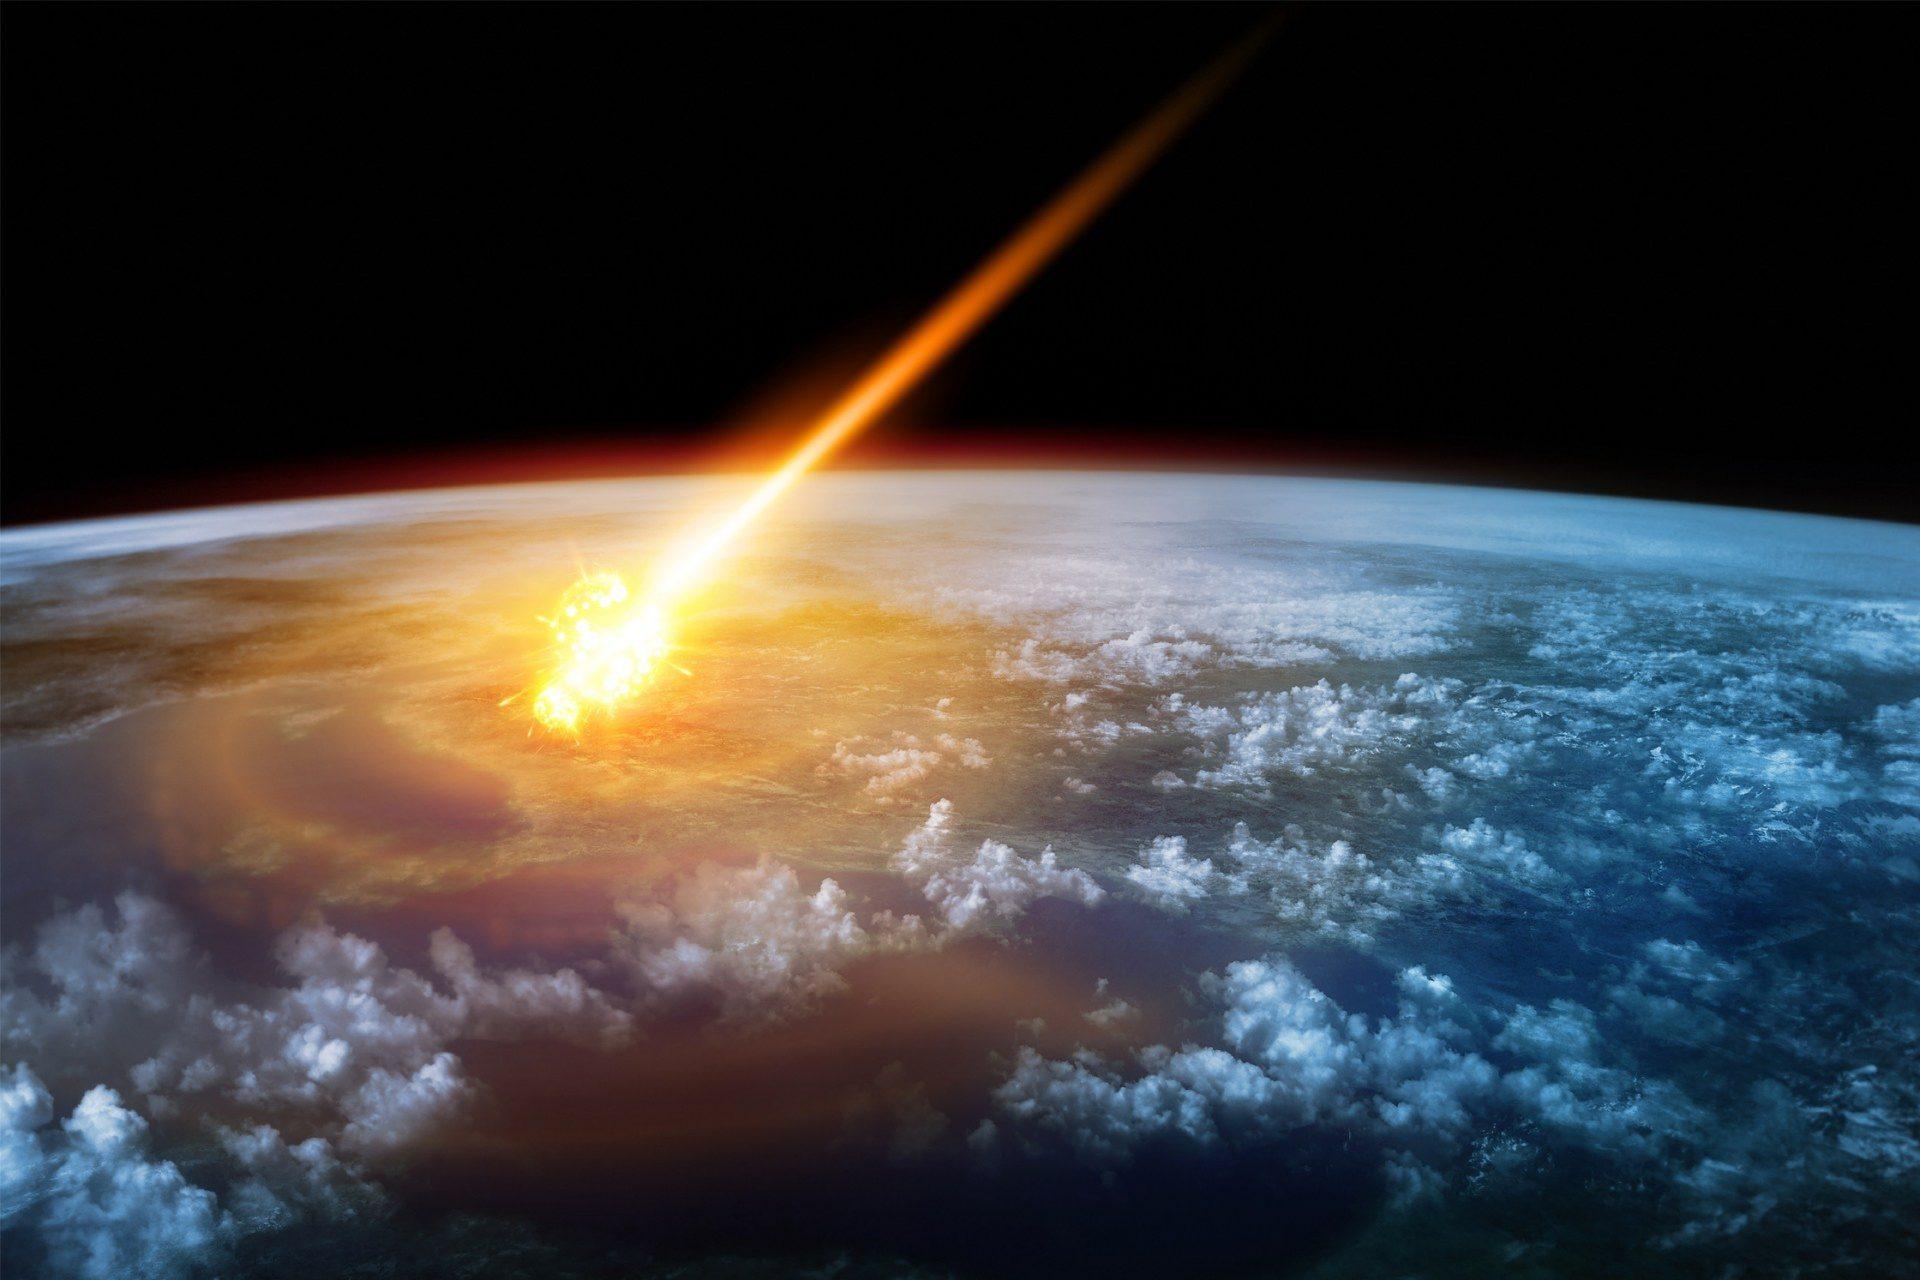 Caccia aperta agli asteroidi! Il calcolo delle orbite dei corpi celesti